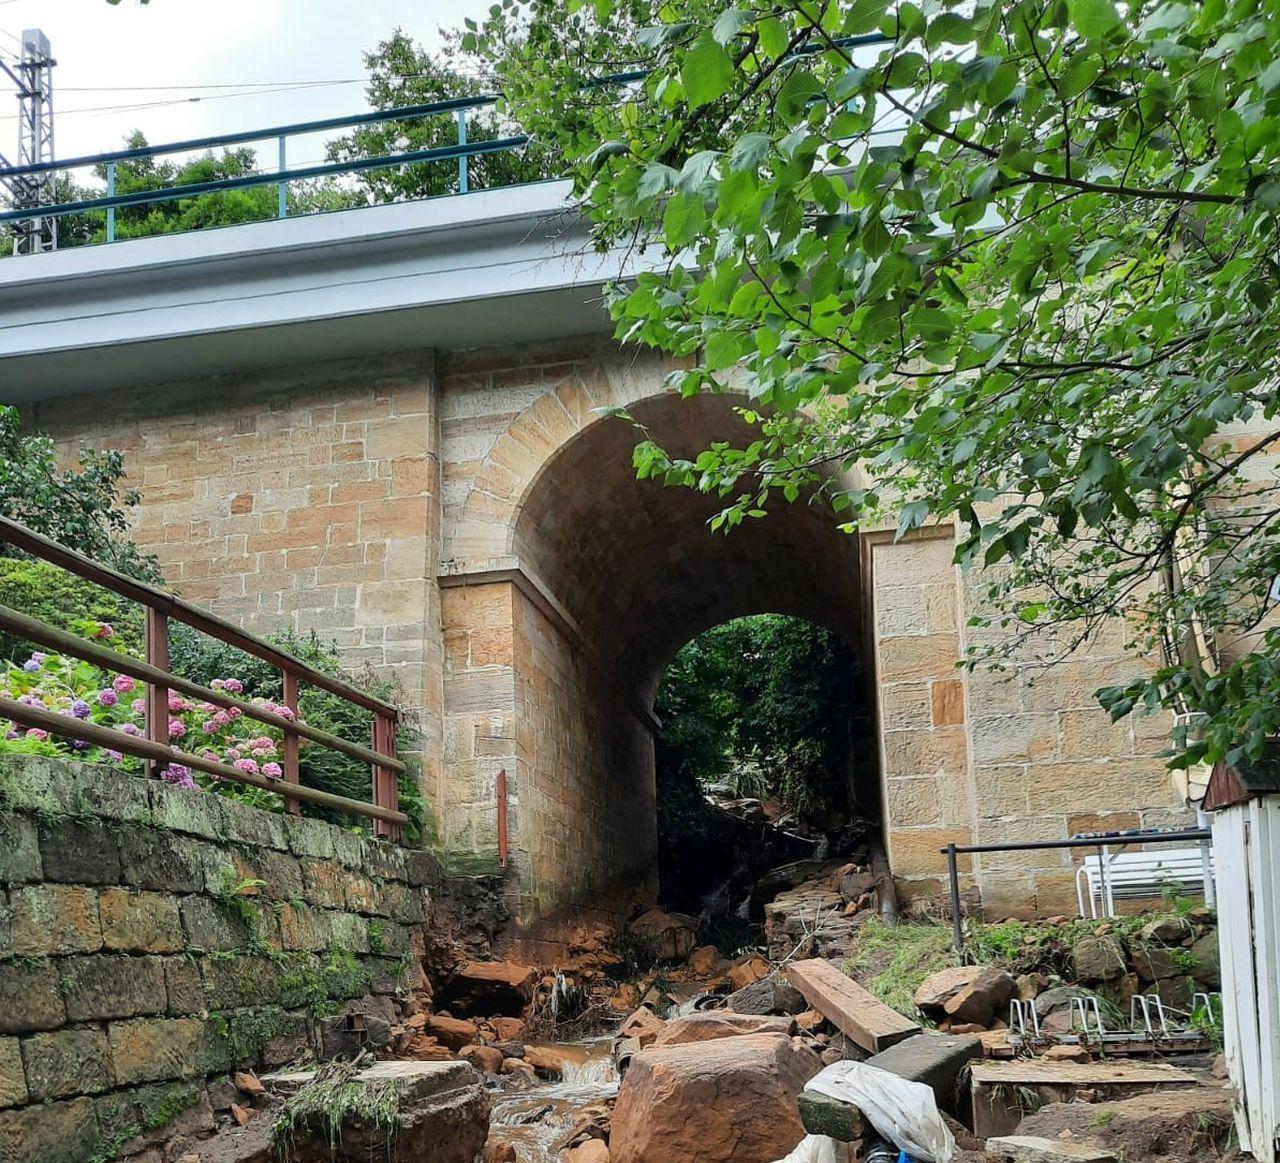 Poškozený most po povodni v Dolním Žlebu, který zcela paralyzoval nákladní dopravu do Německa. Foto: Správa železnic